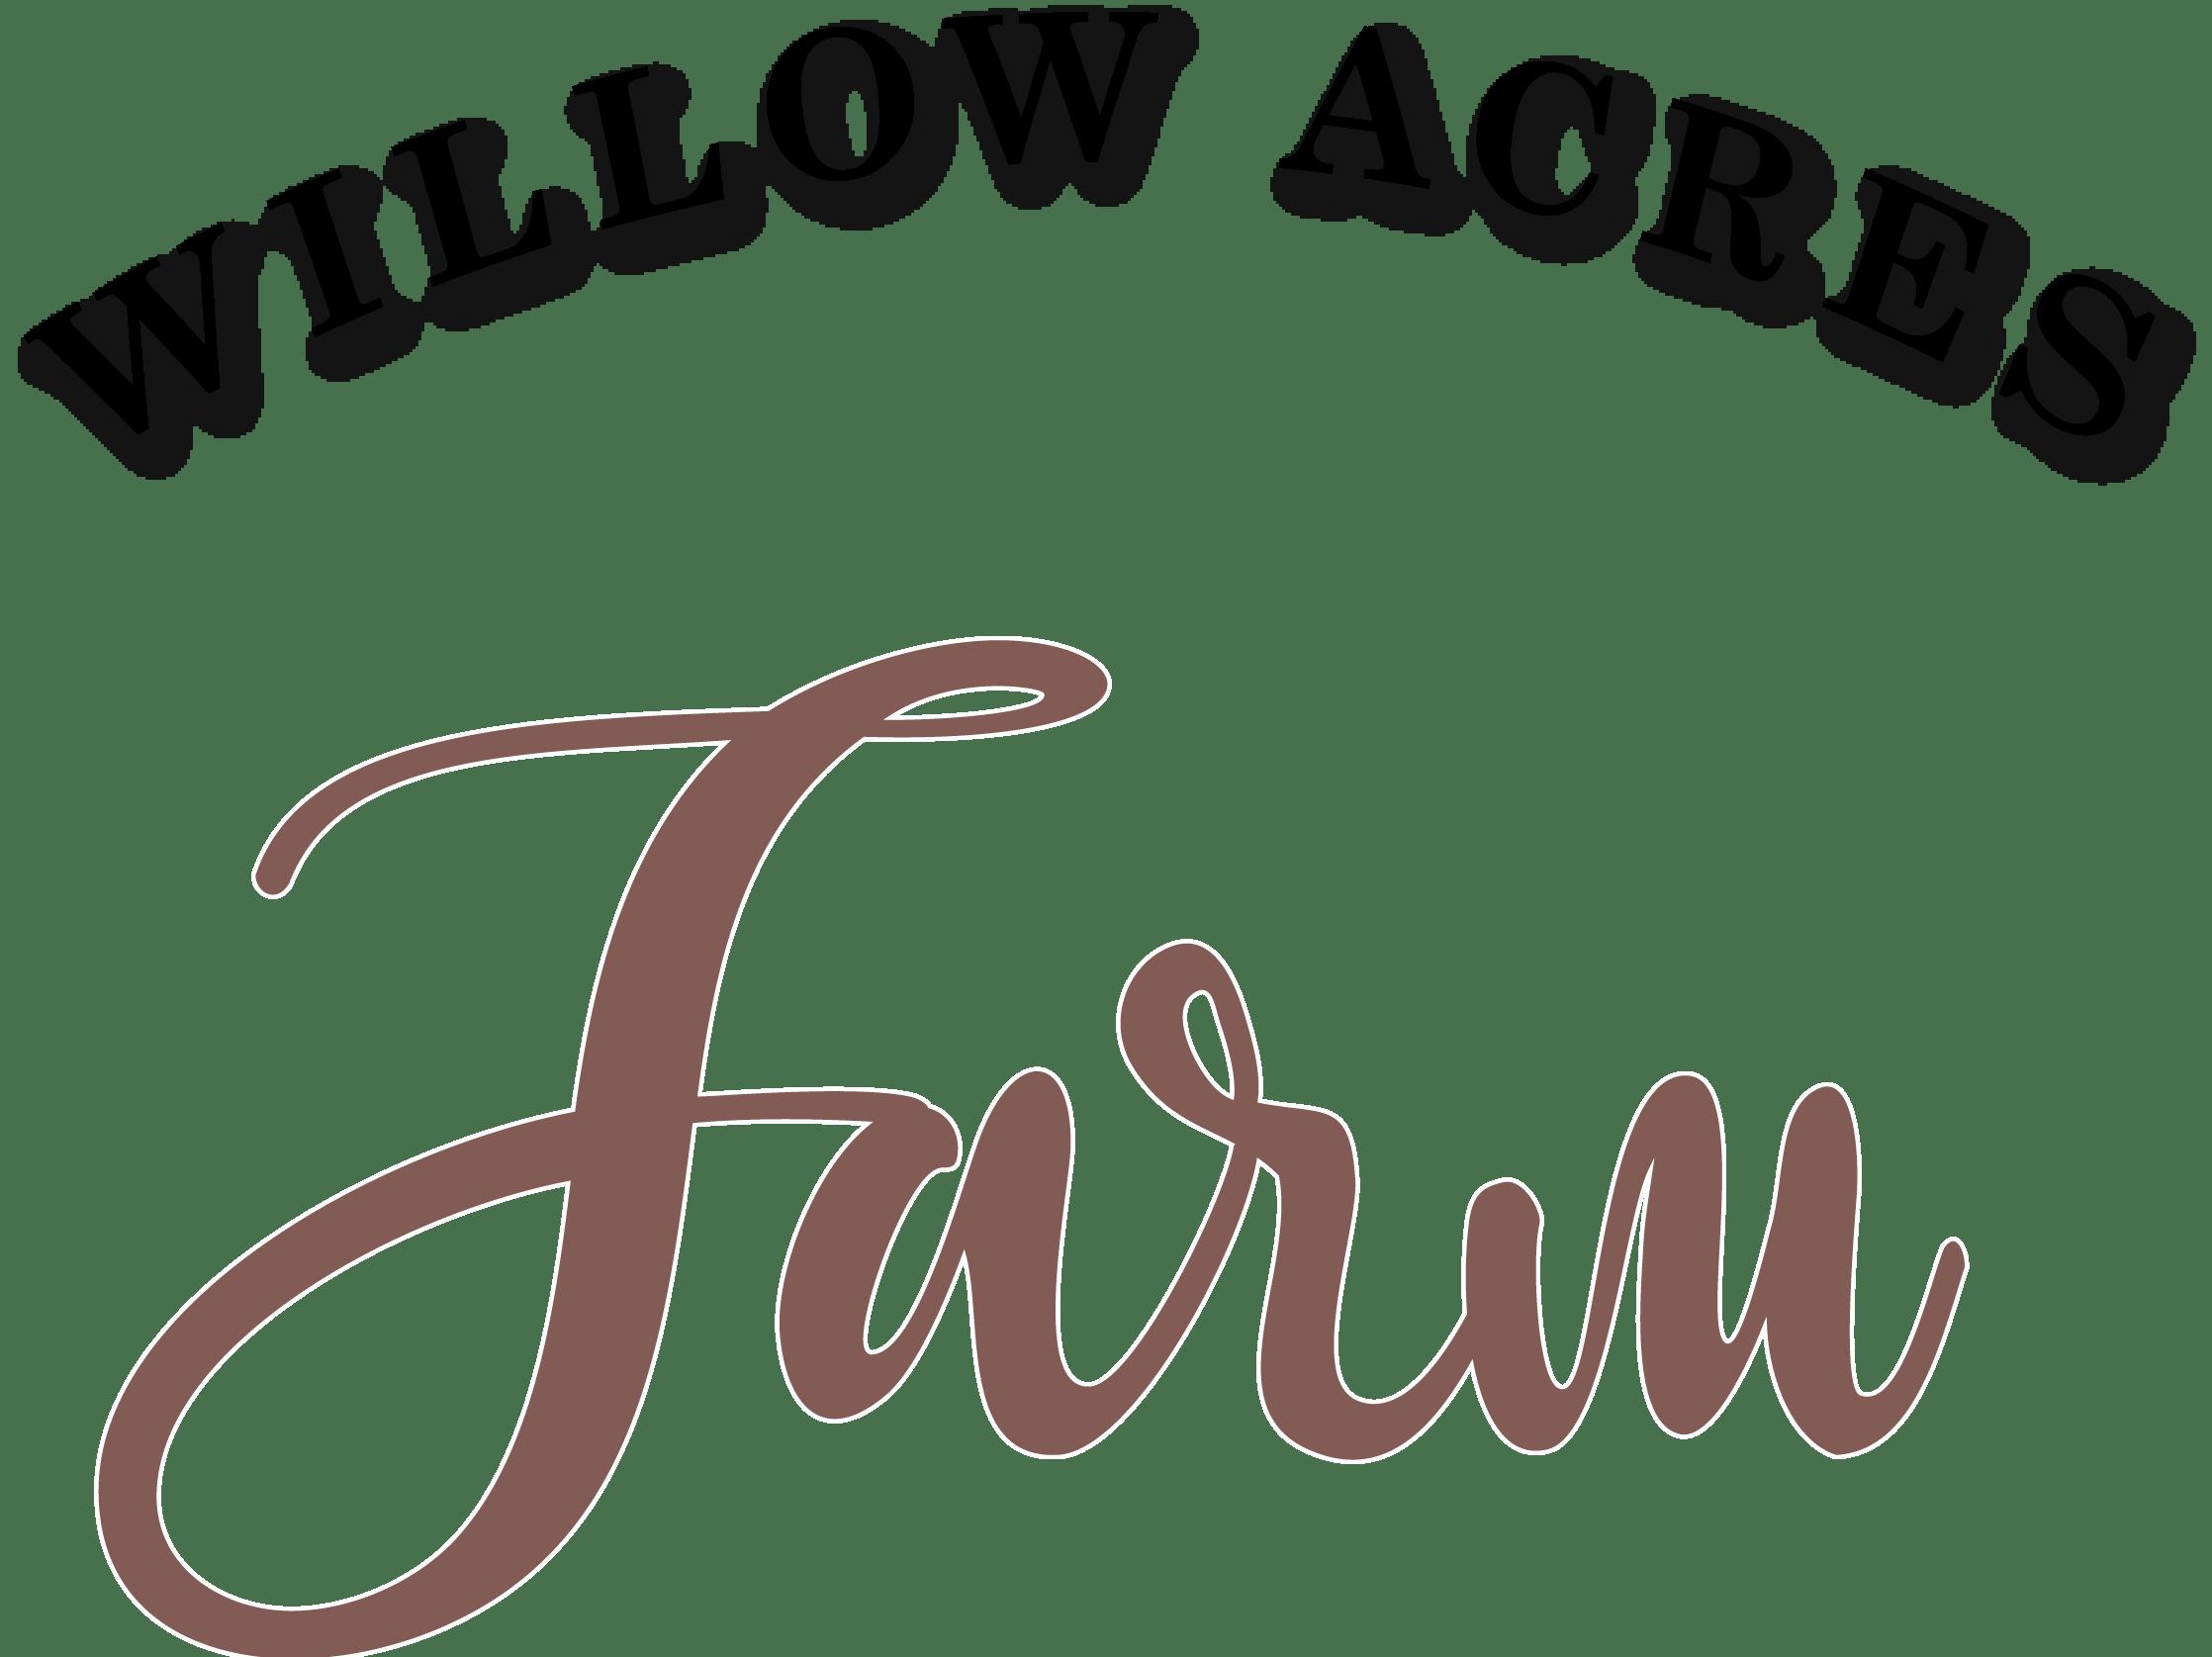 Willow Acres Farm